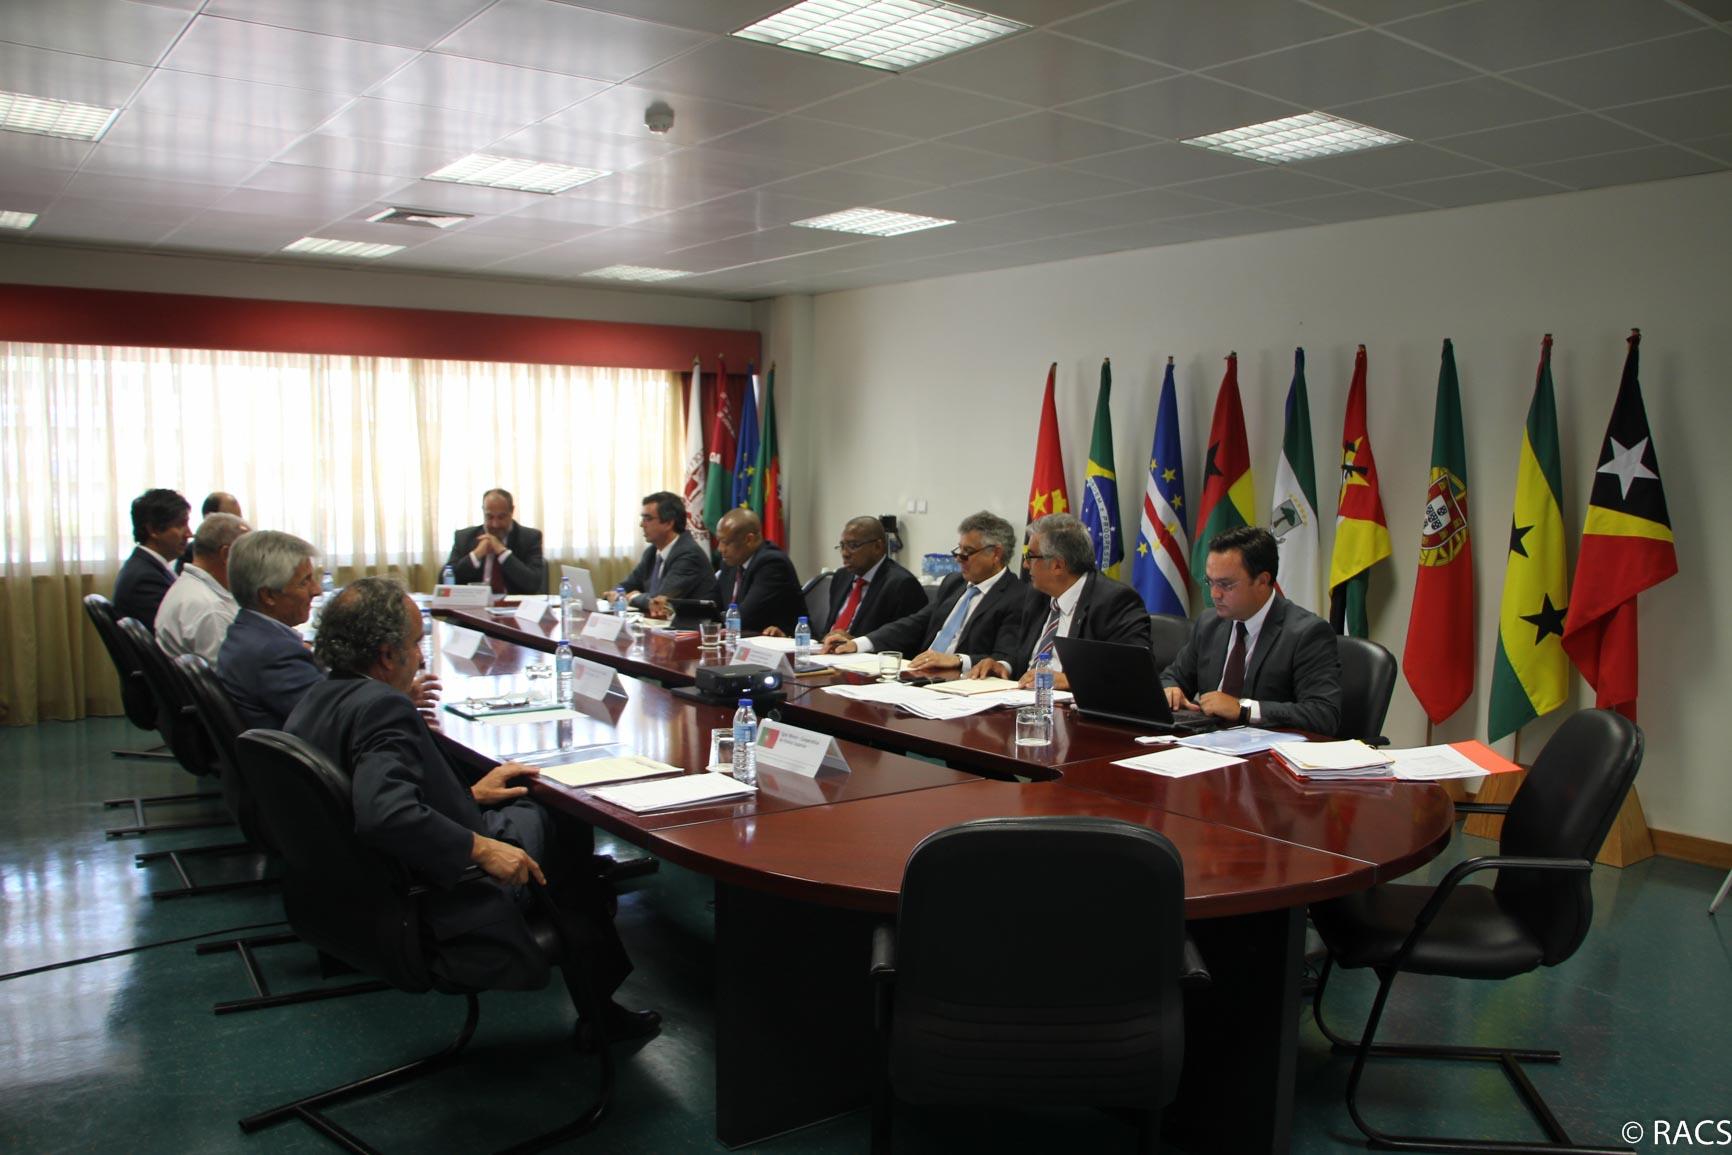 Criação da Rede Académica das Ciências da Saúde da Comunidade dos Países de Língua Portuguesa – RACS